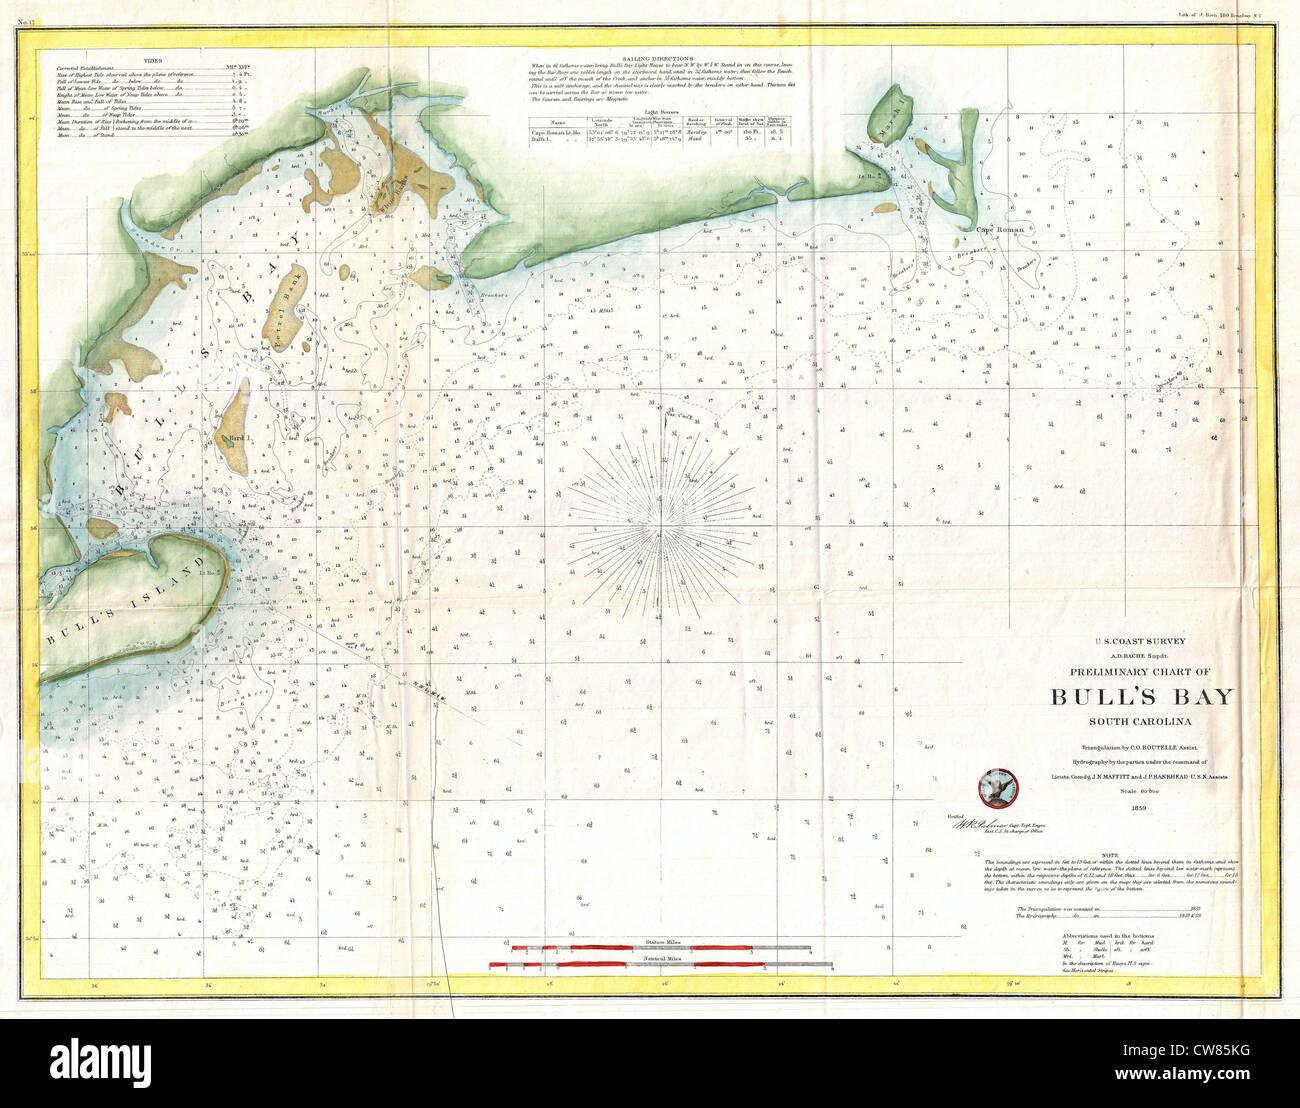 Coast Of South Carolina Map.1859 U S Coast Survey Map Of Bull S Bay South Carolina Stock Photo